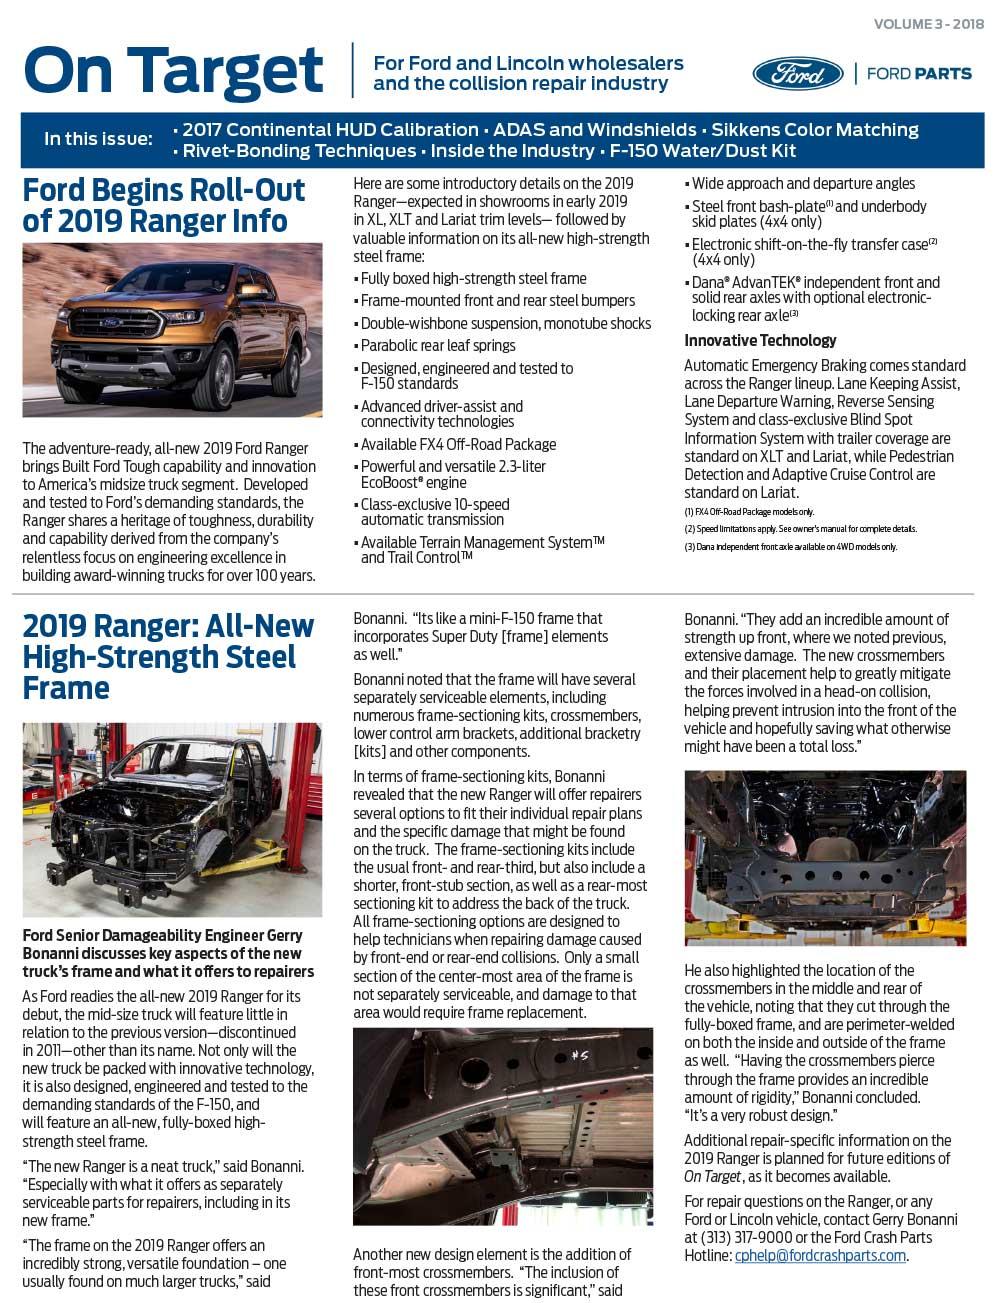 On-Target-Ford-Ranger-11-18.jpg